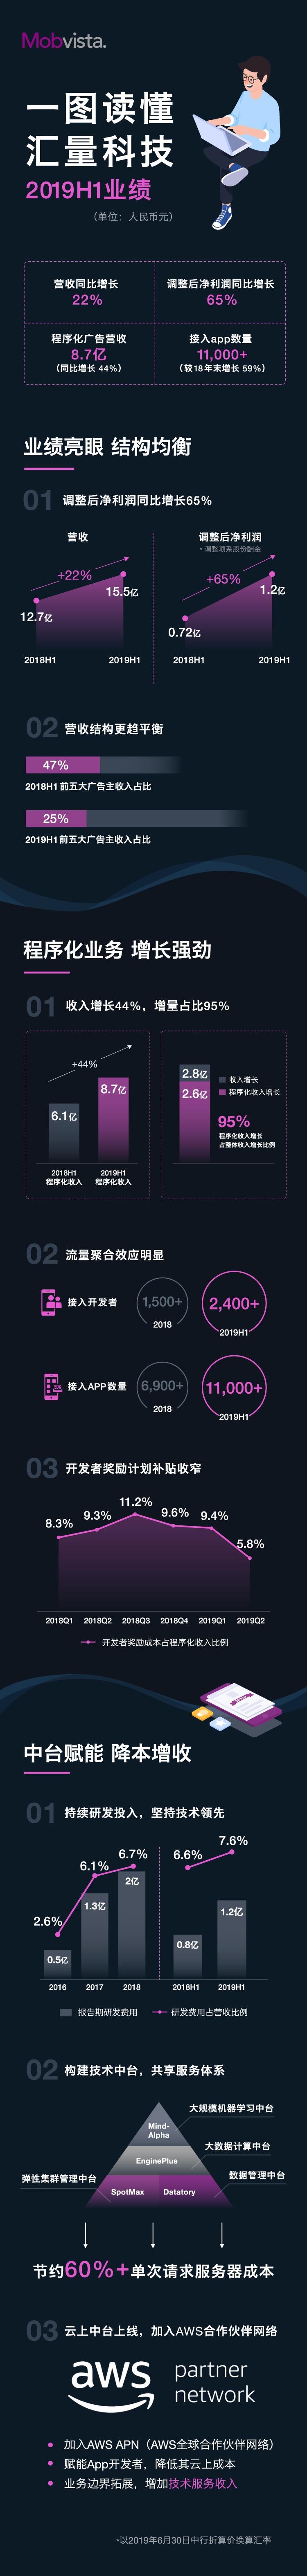 一图看懂汇量科技(1860.HK)2019年中期业绩